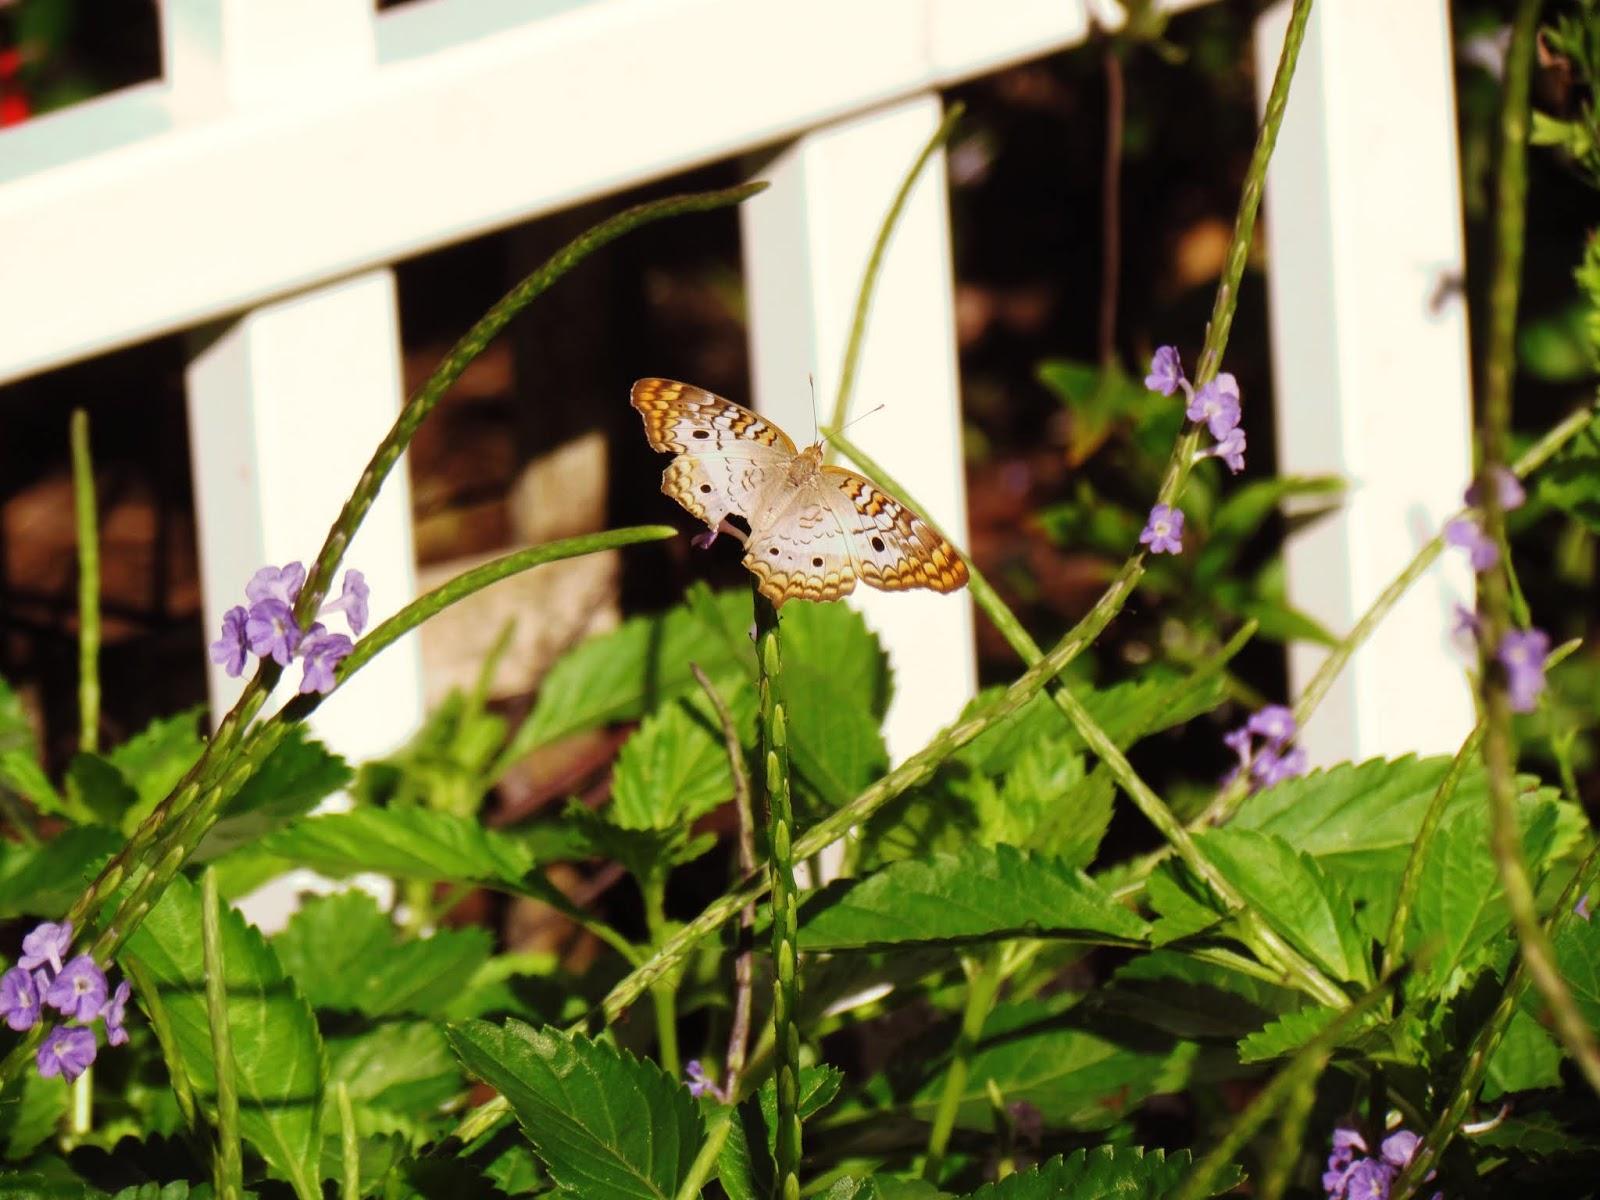 Friends of Hammock Butterfly Garden With Zebra Swallowtail Butterfly Species, Florida Butterfly Species, Butterfly Plants